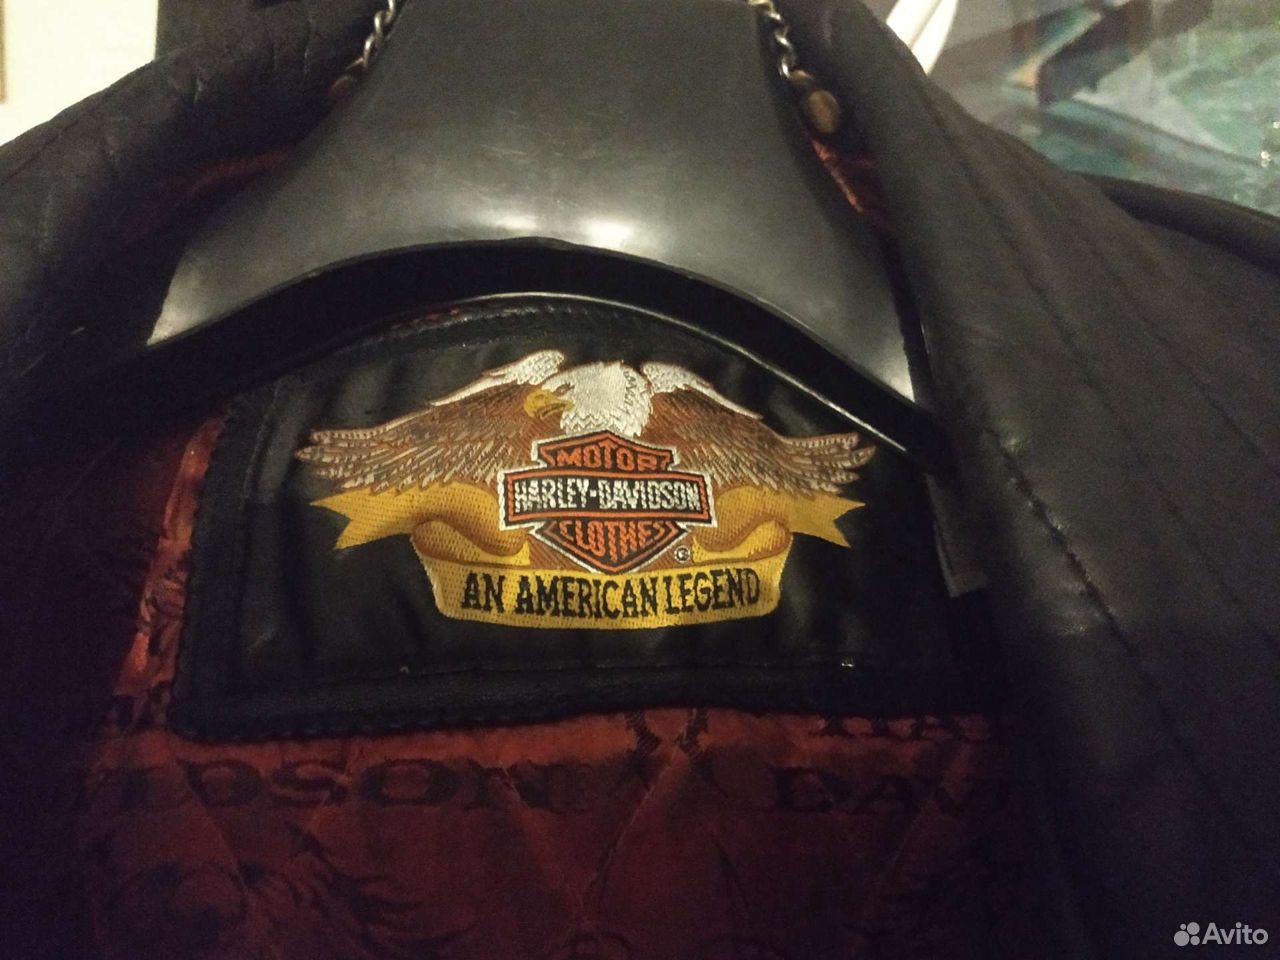 Кожаная куртка косуха Харлей Девидсон оригинал  89220446254 купить 2